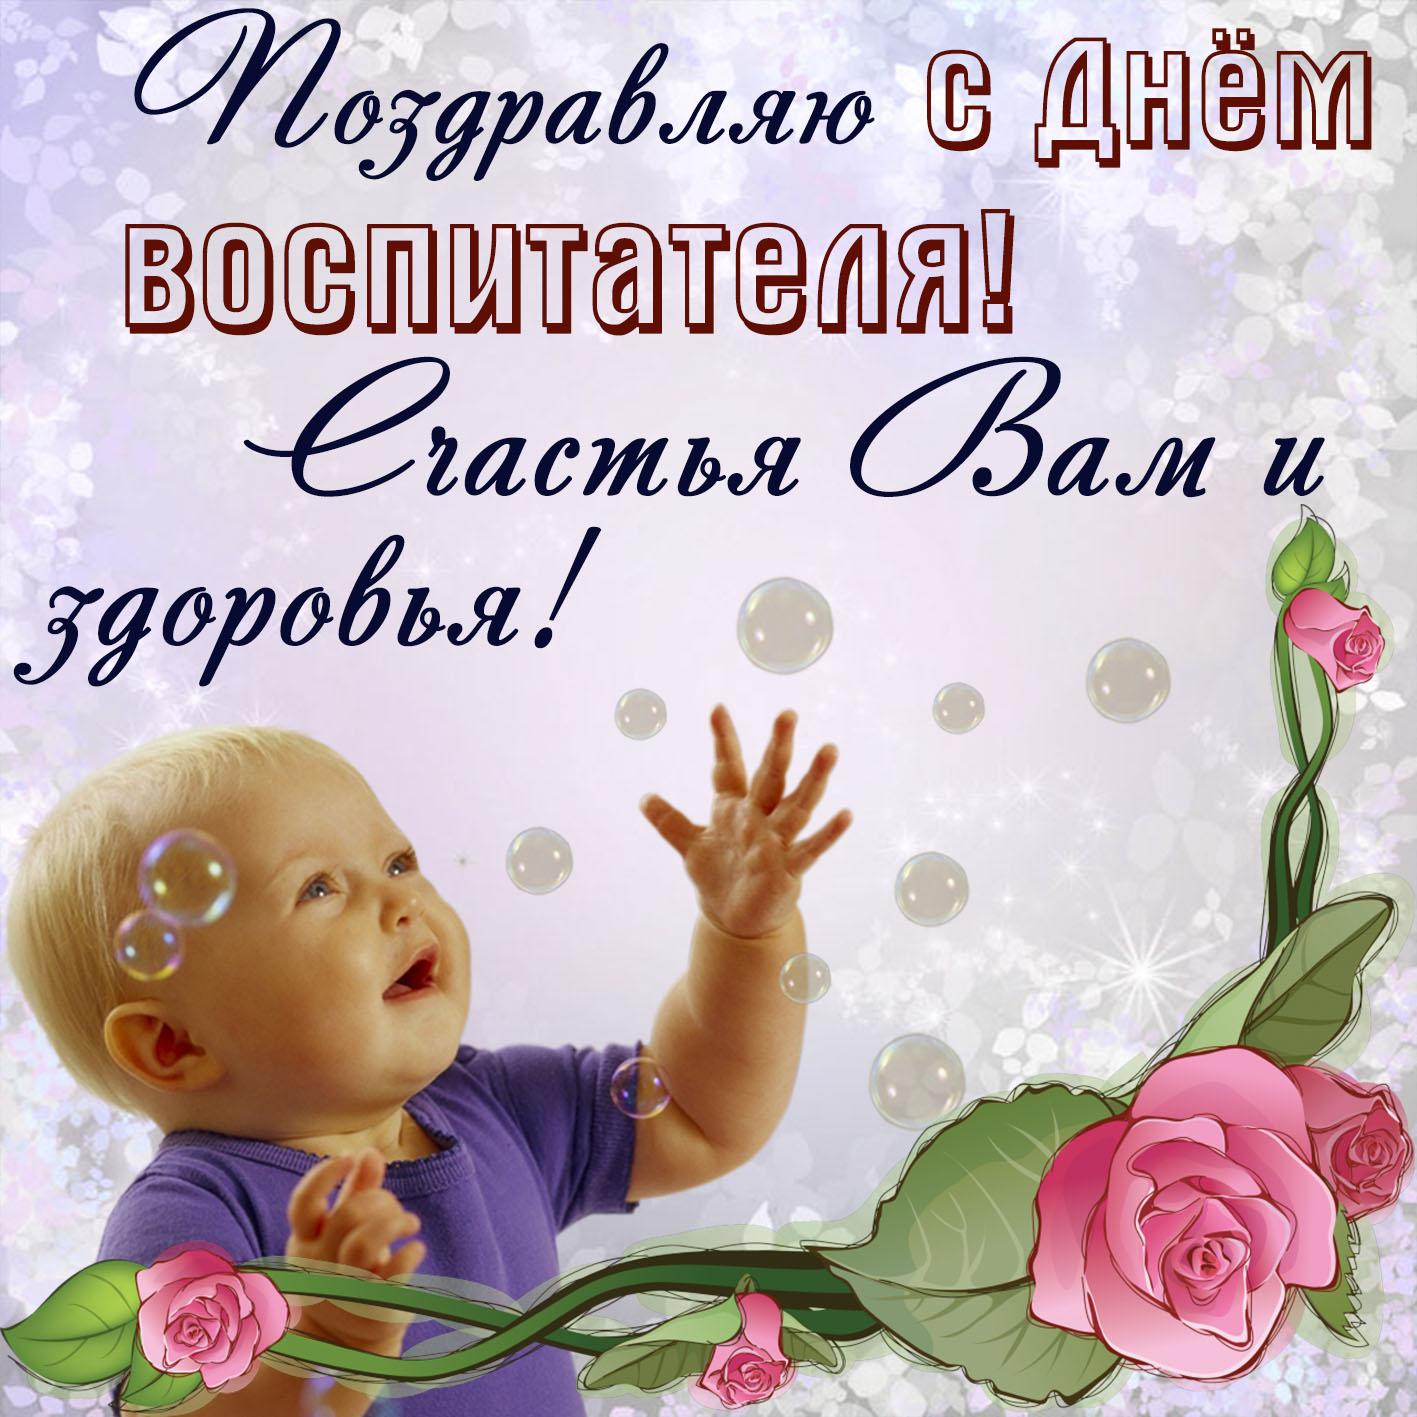 Открытка с весёлым малышом на День воспитателя